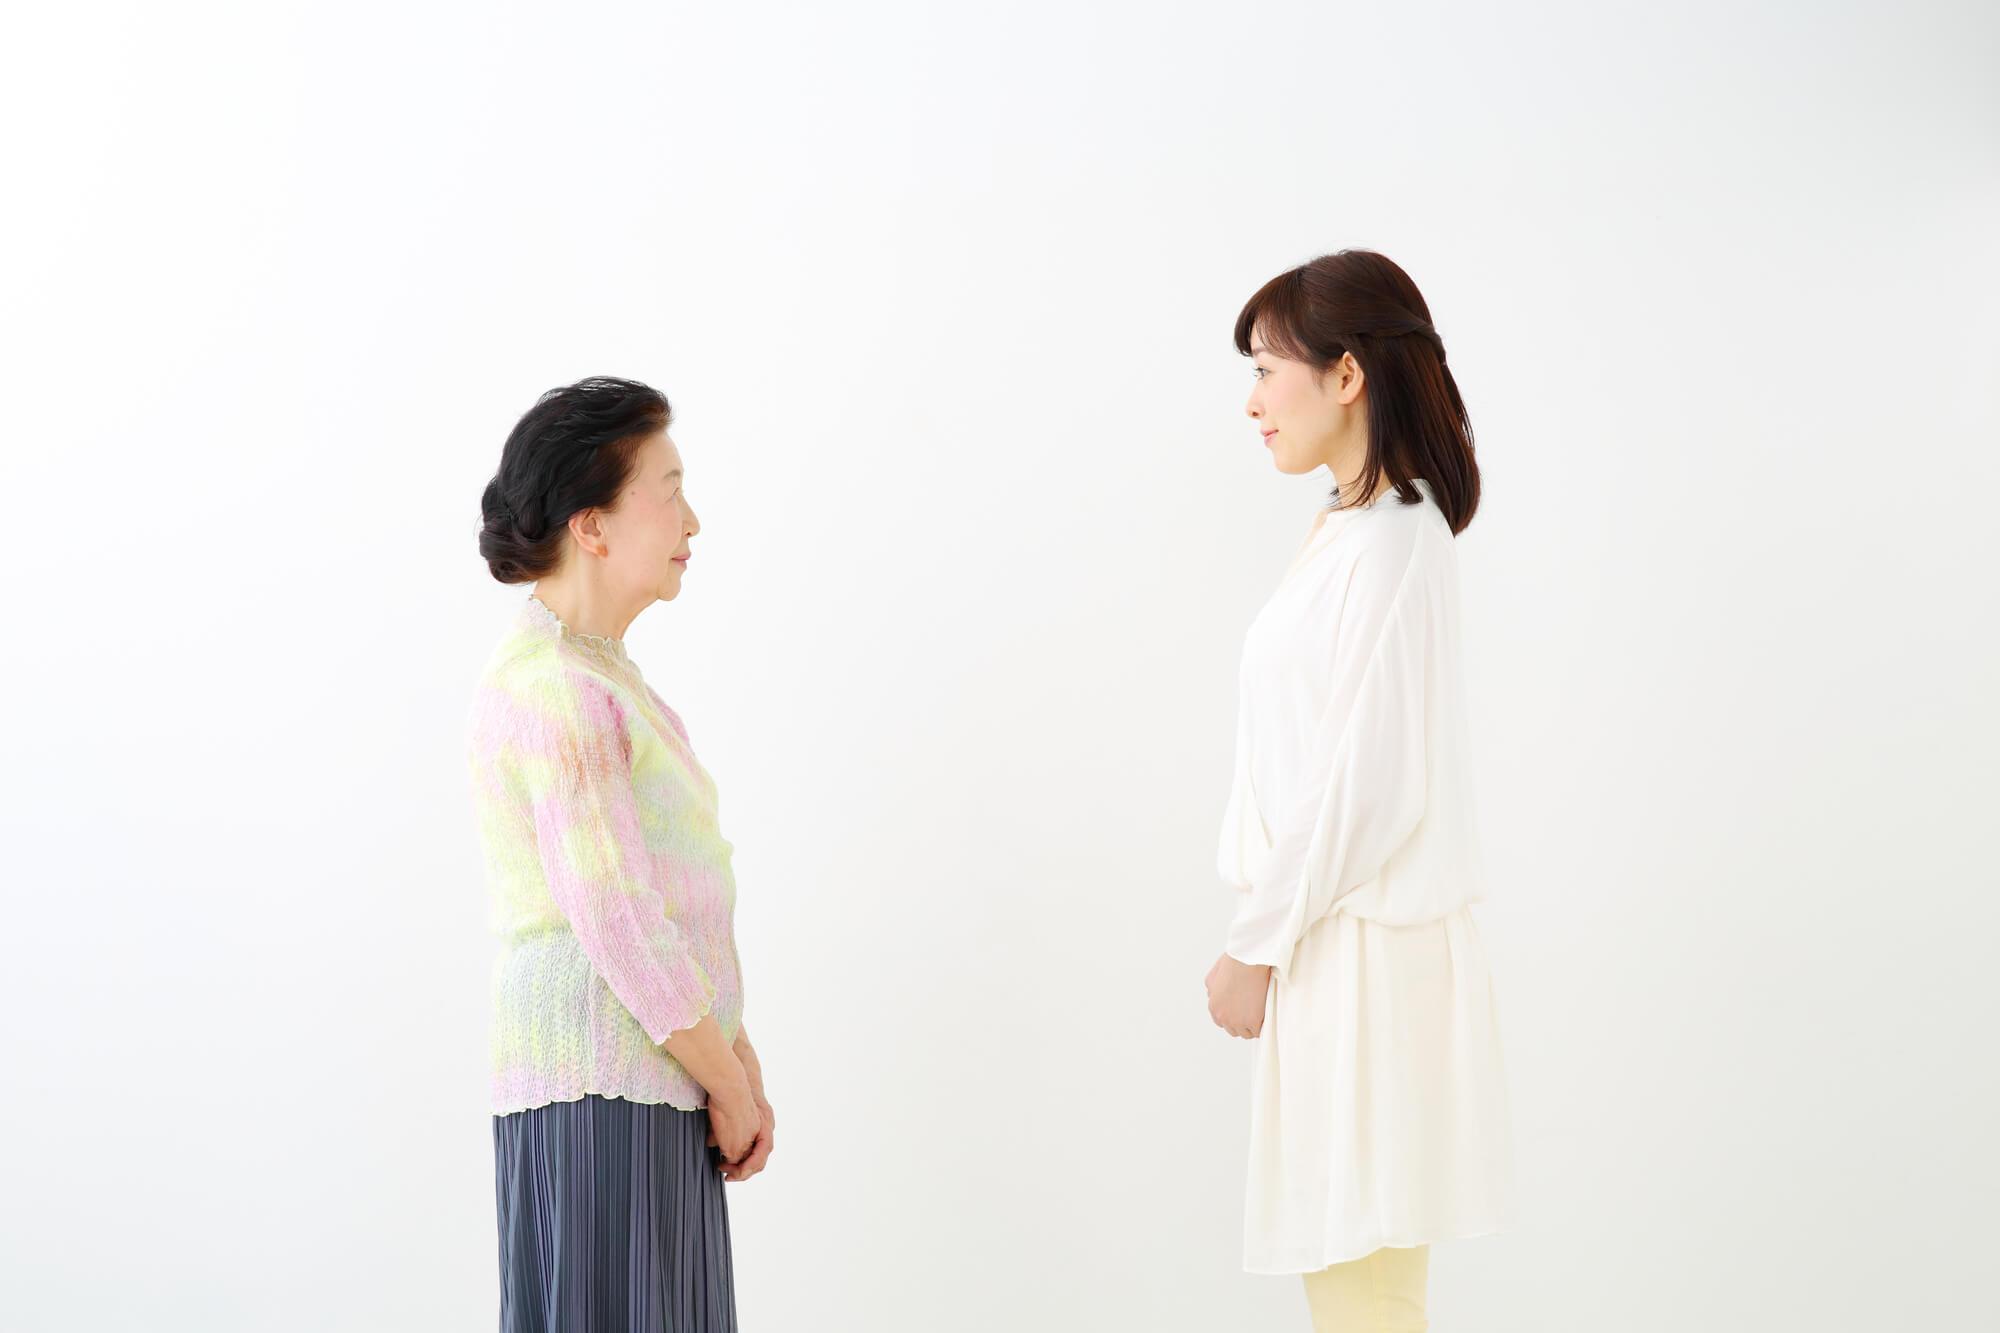 介護に徹した「嫁」の苦労は報われるか?新・相続法のポイントまとめ - 相続オナヤミ相談 花沢事務所